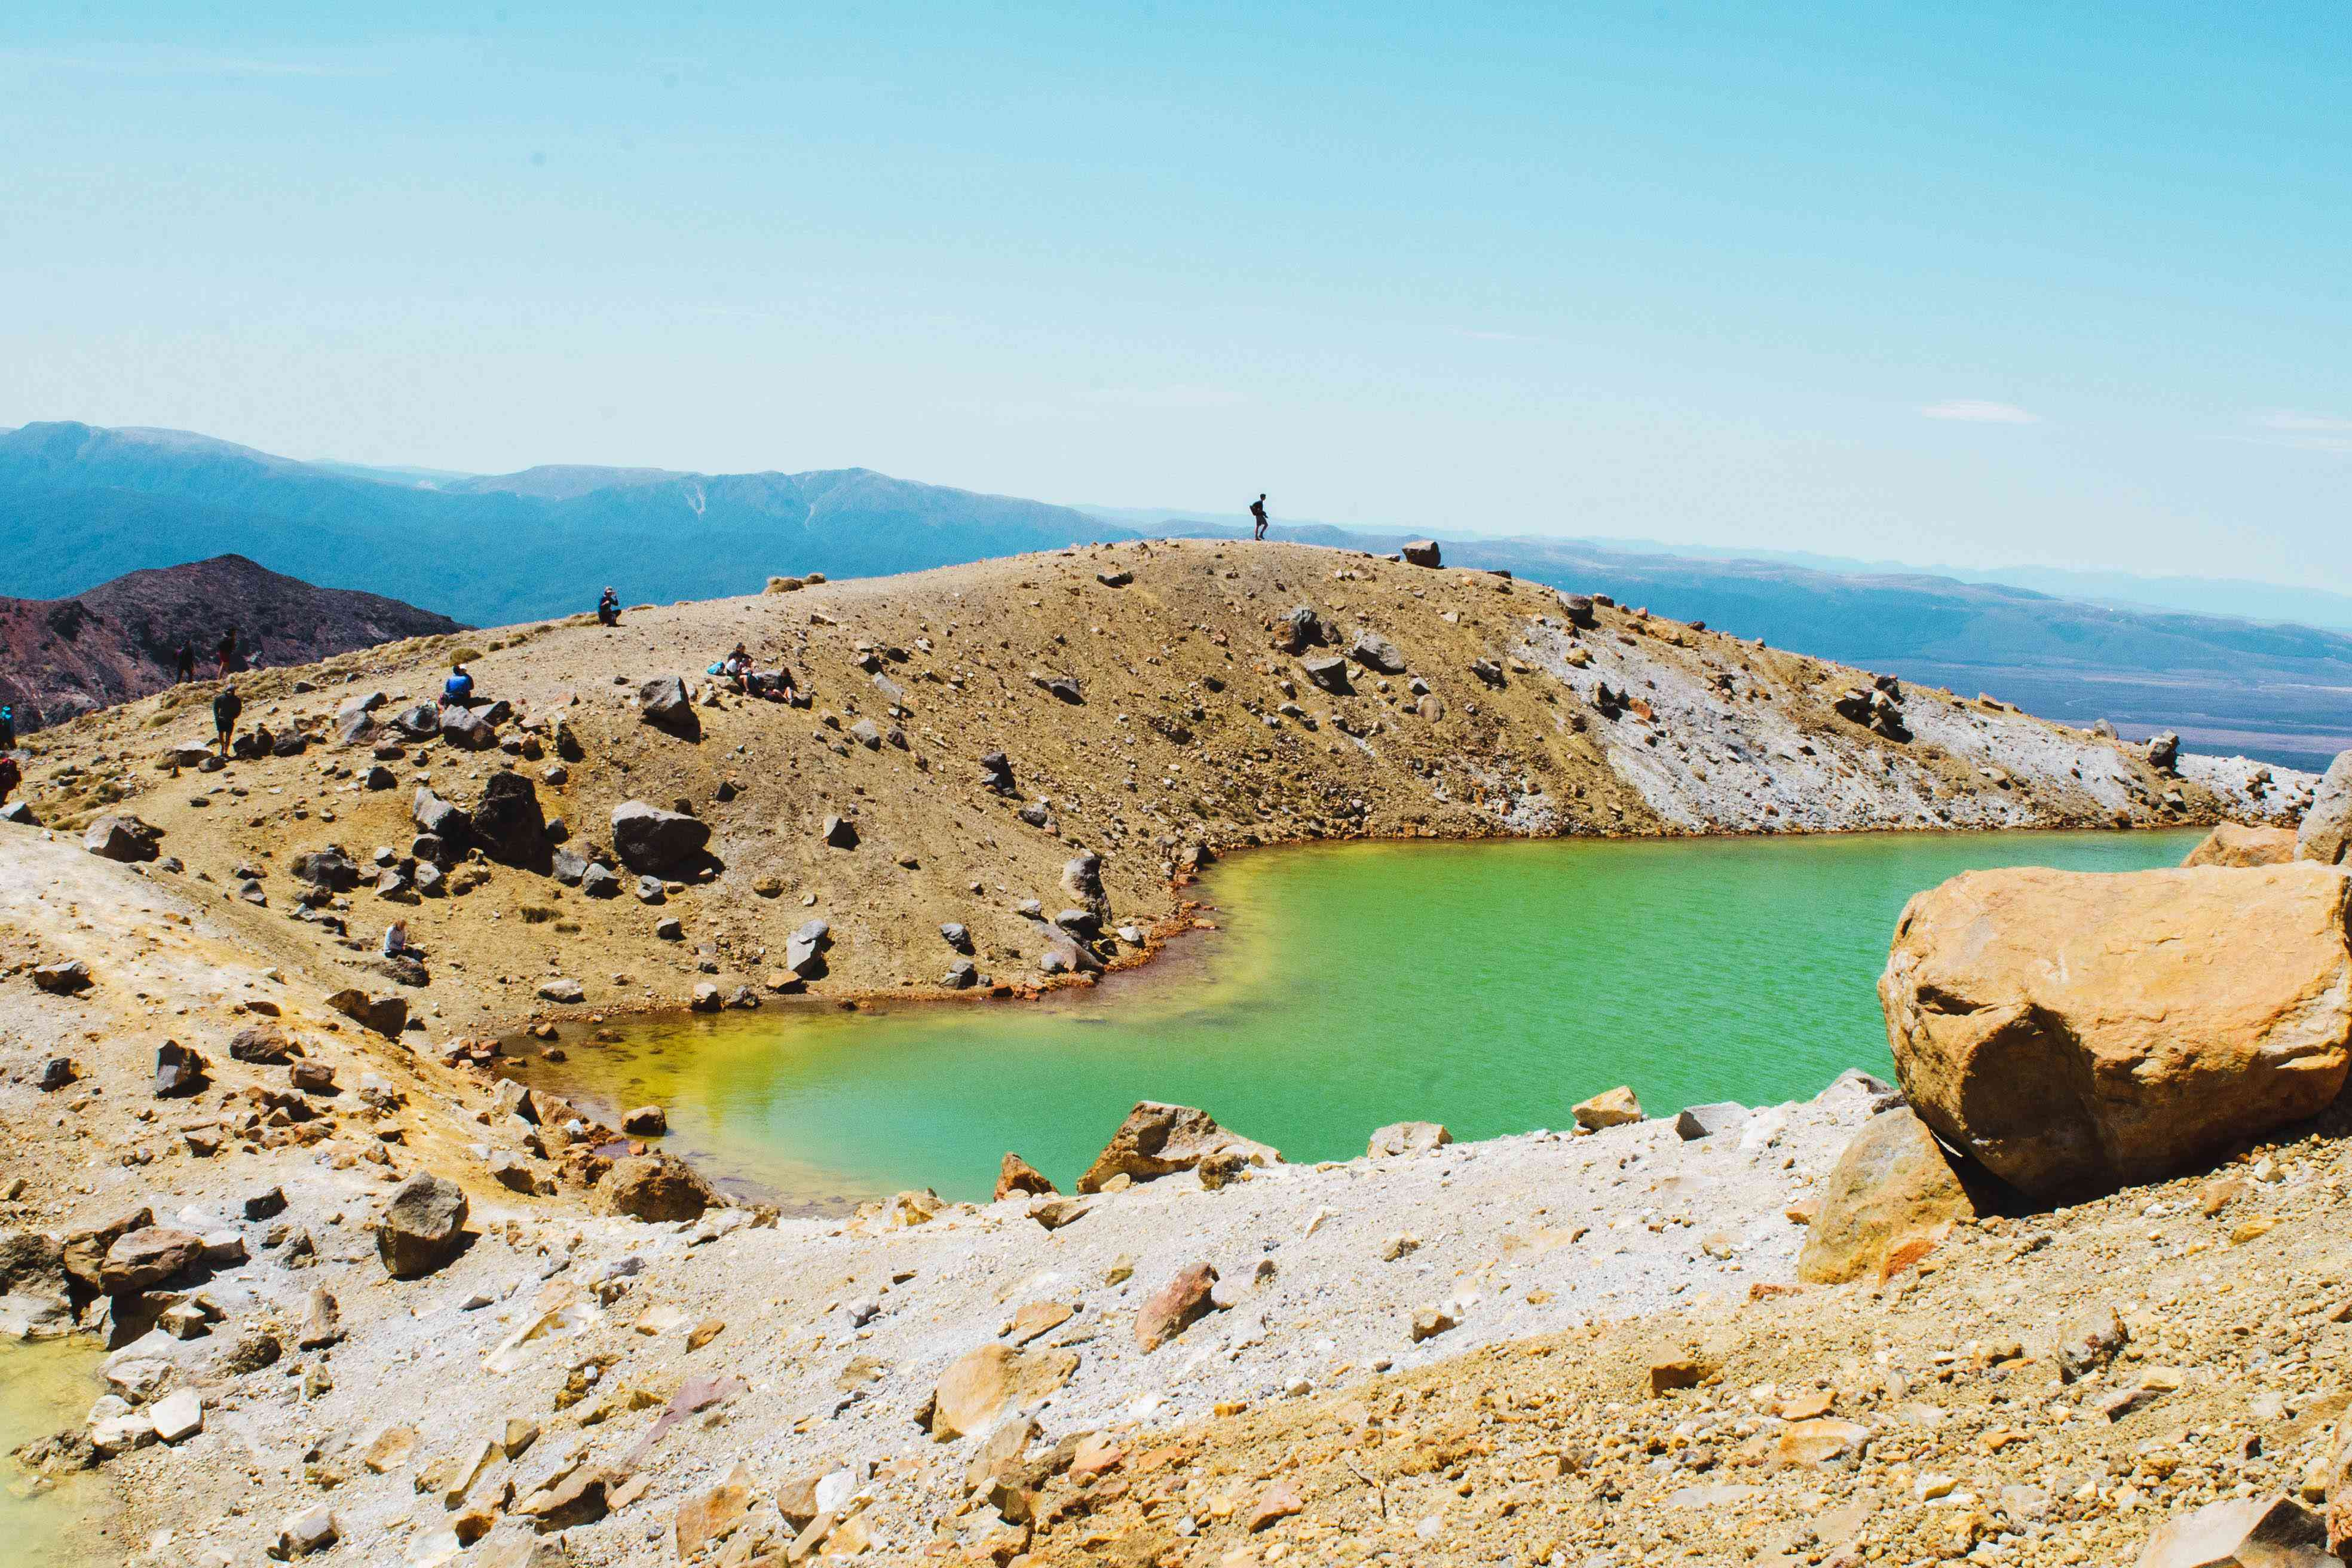 Una persona que camina sobre una gran colina junto a una piscina de agua de color gema